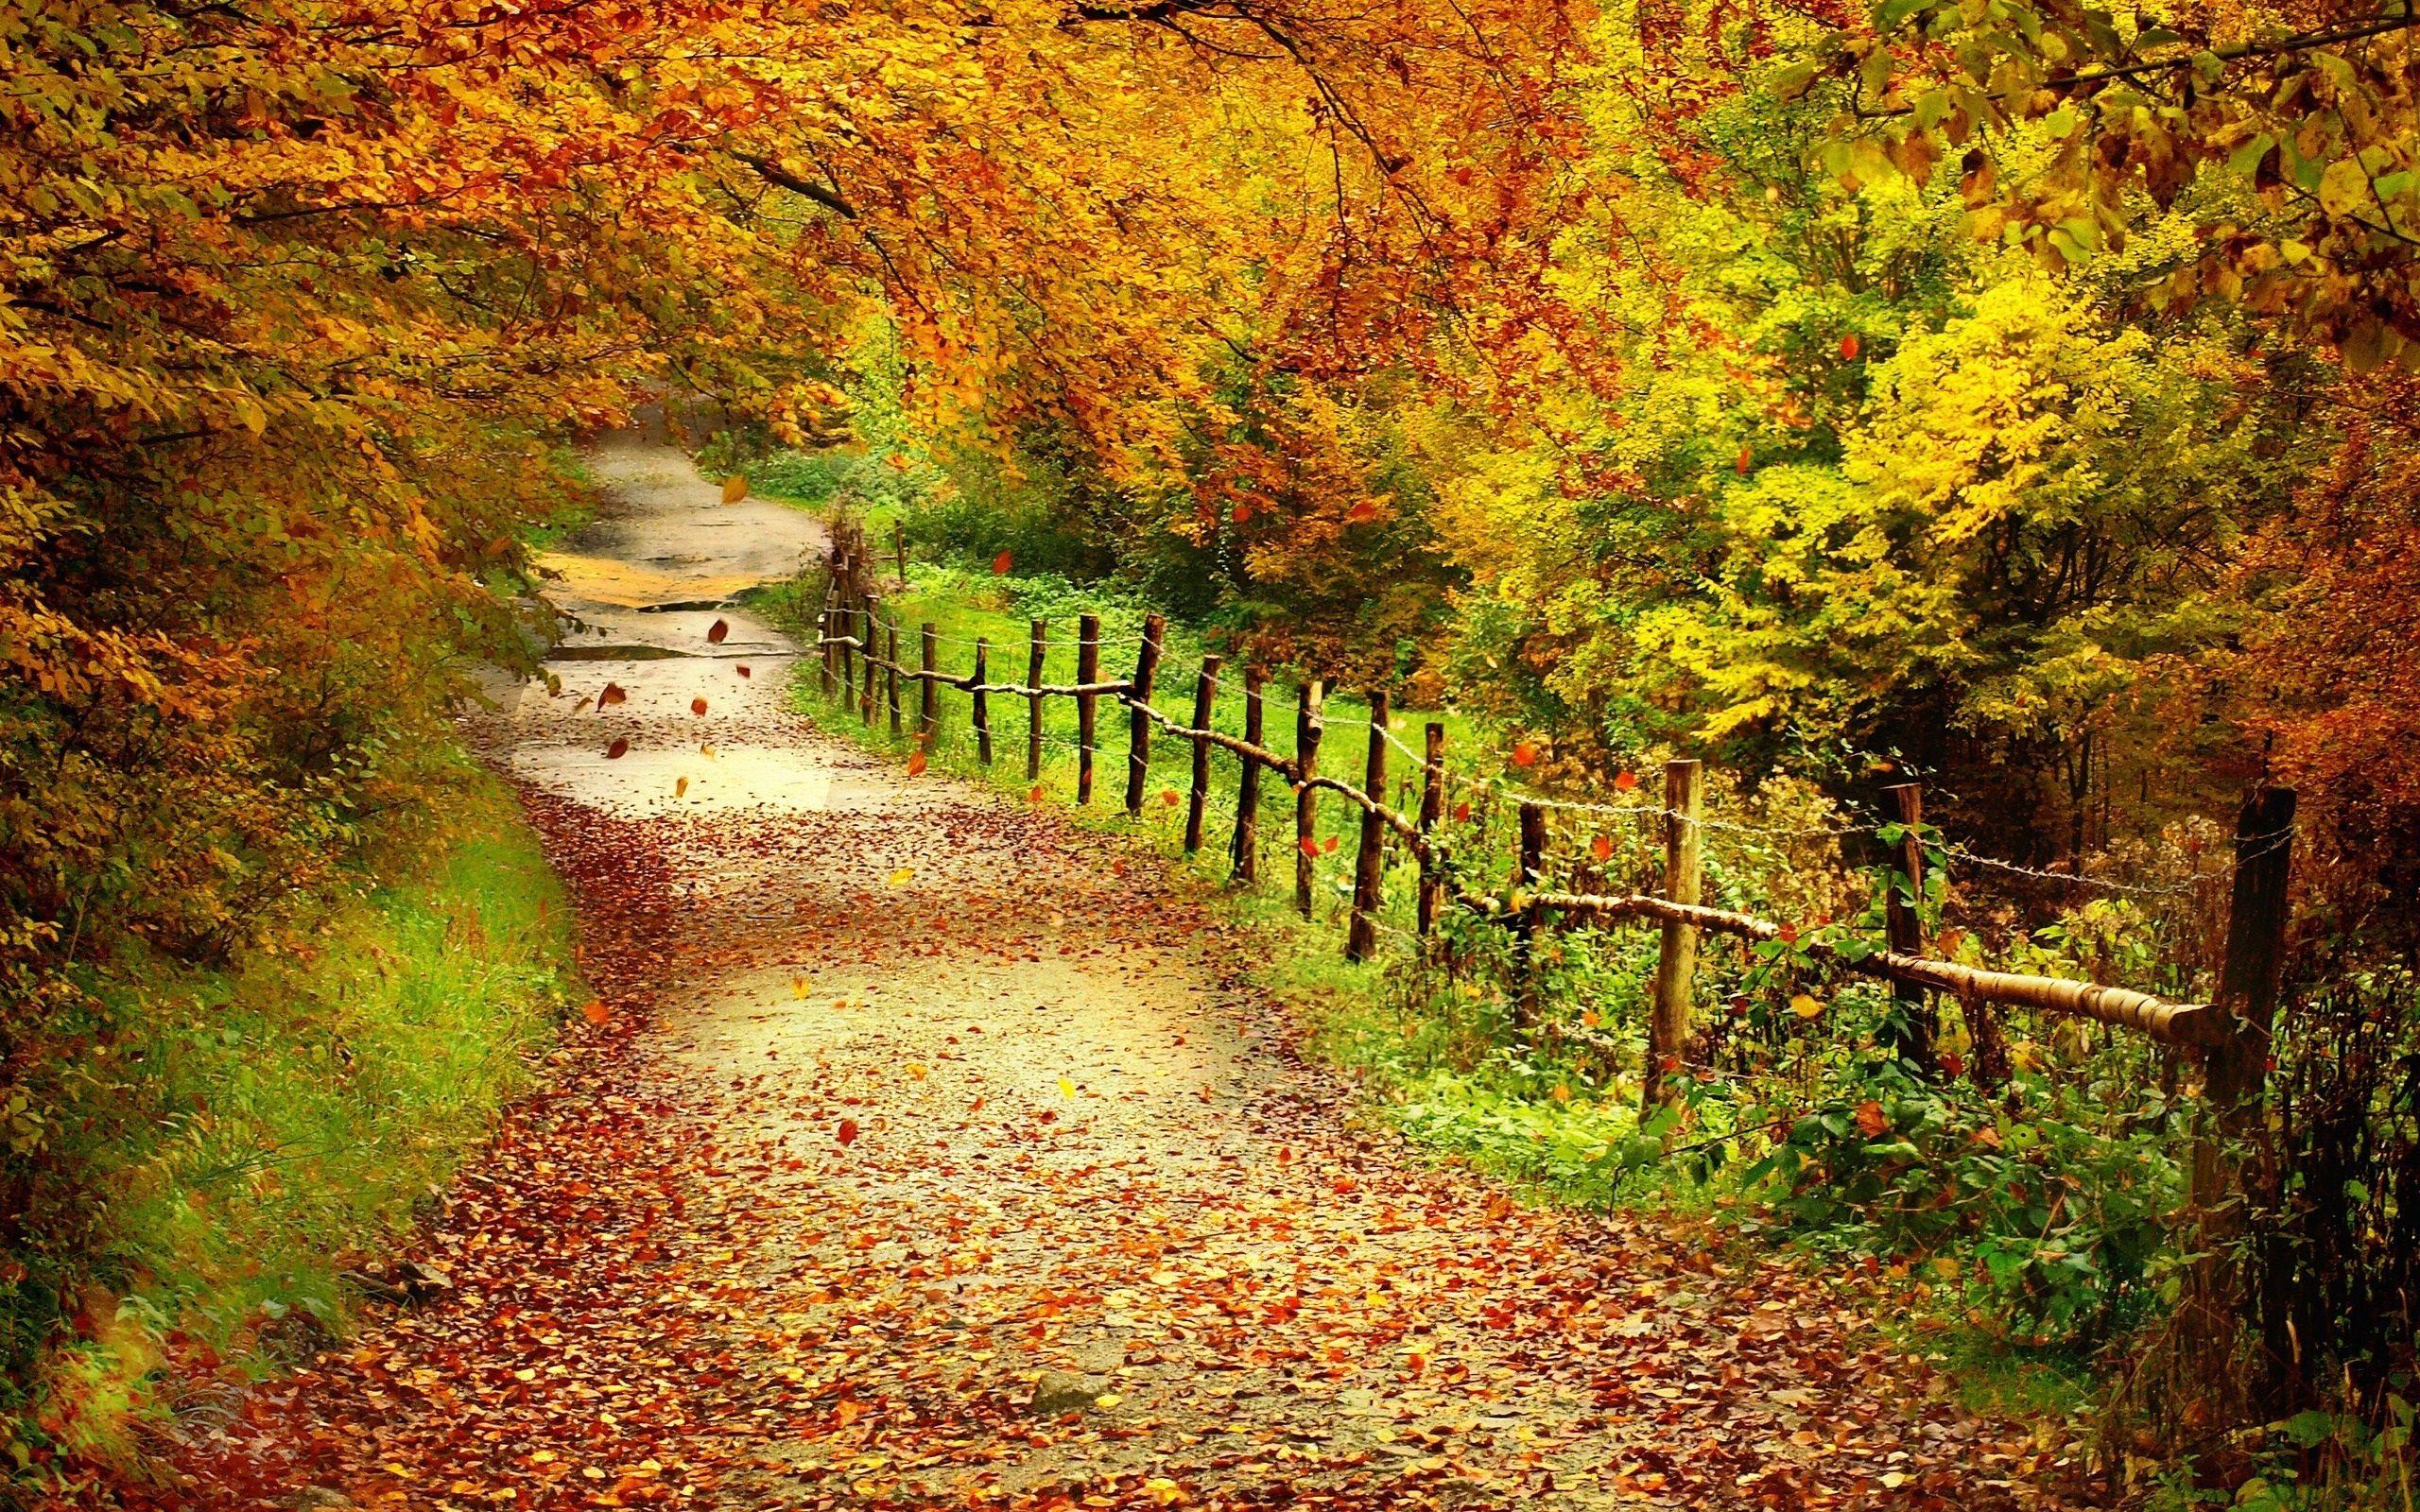 Beau Paysage D'automne, Les Arbres, Les Feuilles Jaunes